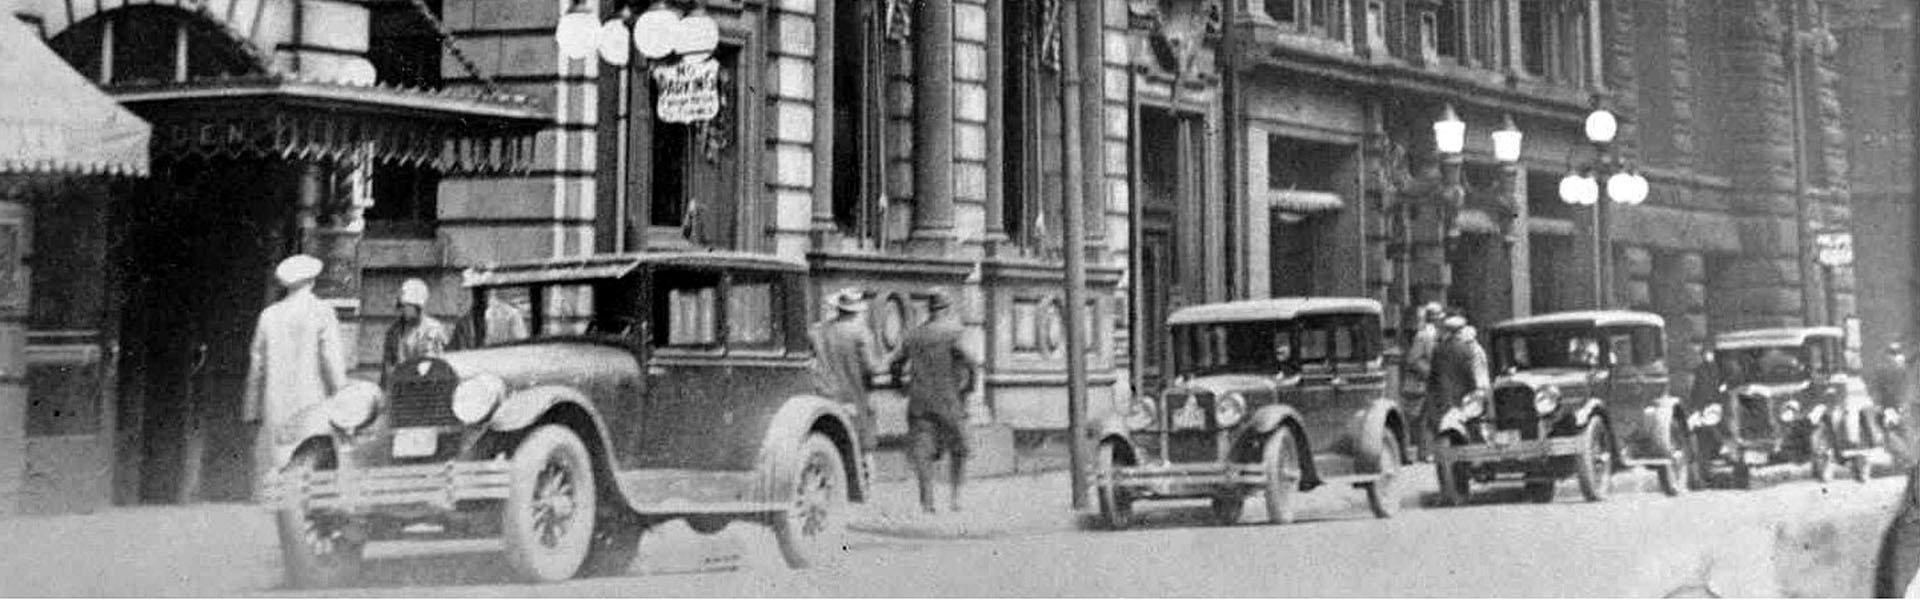 Ontario Heritage Centre, Toronto (1927)